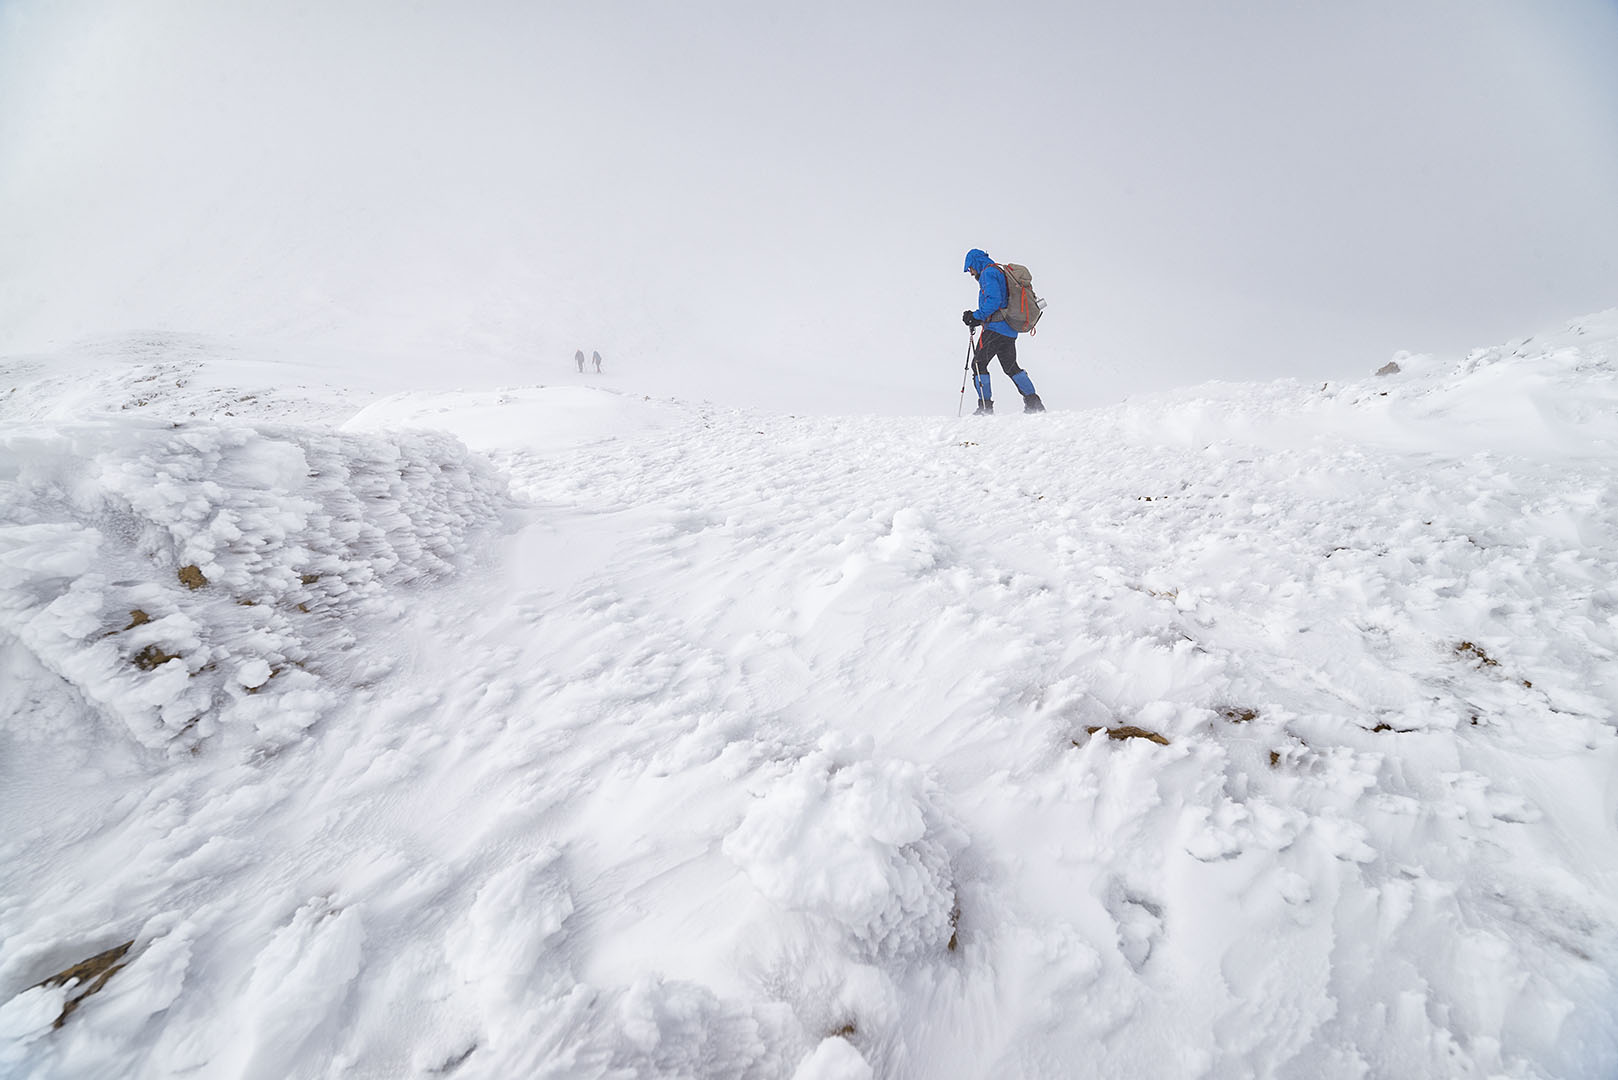 Cuando hubo invierno. Tendeñera. - Deportes y aventuras - Iñaki Larrea, Fotografía de naturaleza y montaña